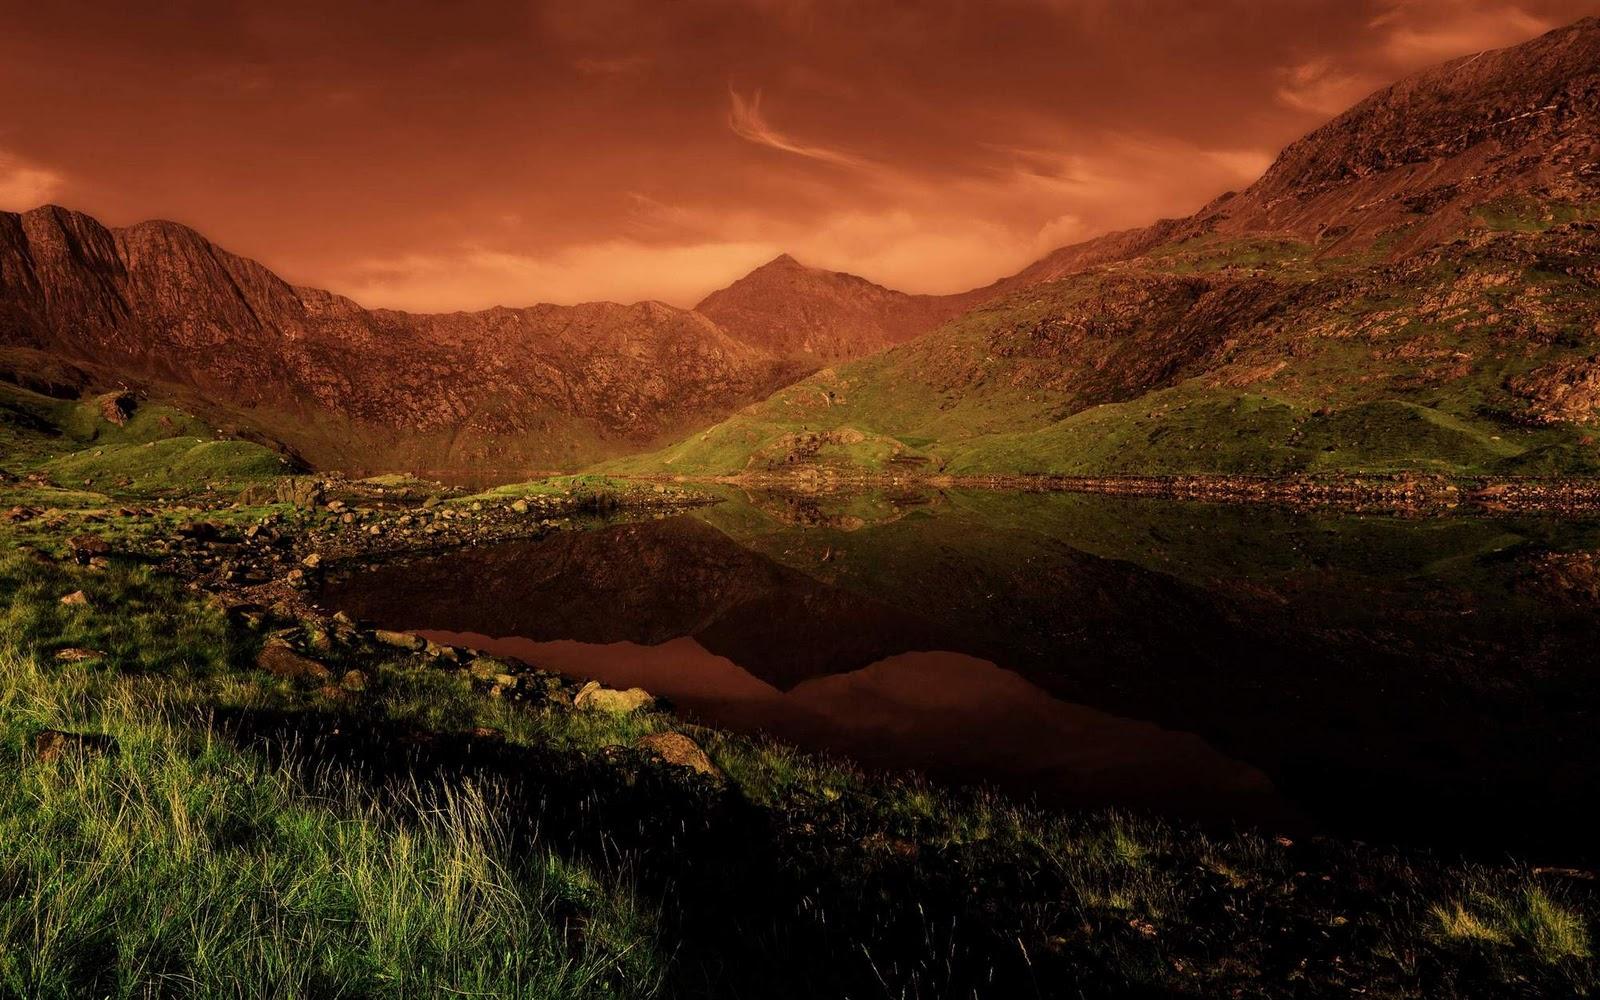 http://3.bp.blogspot.com/-8B3QCx5g1tQ/Tvih--HGdcI/AAAAAAAAAak/UAAduI3YmiU/s1600/Ubuntu+sunset+wallpaper.jpg